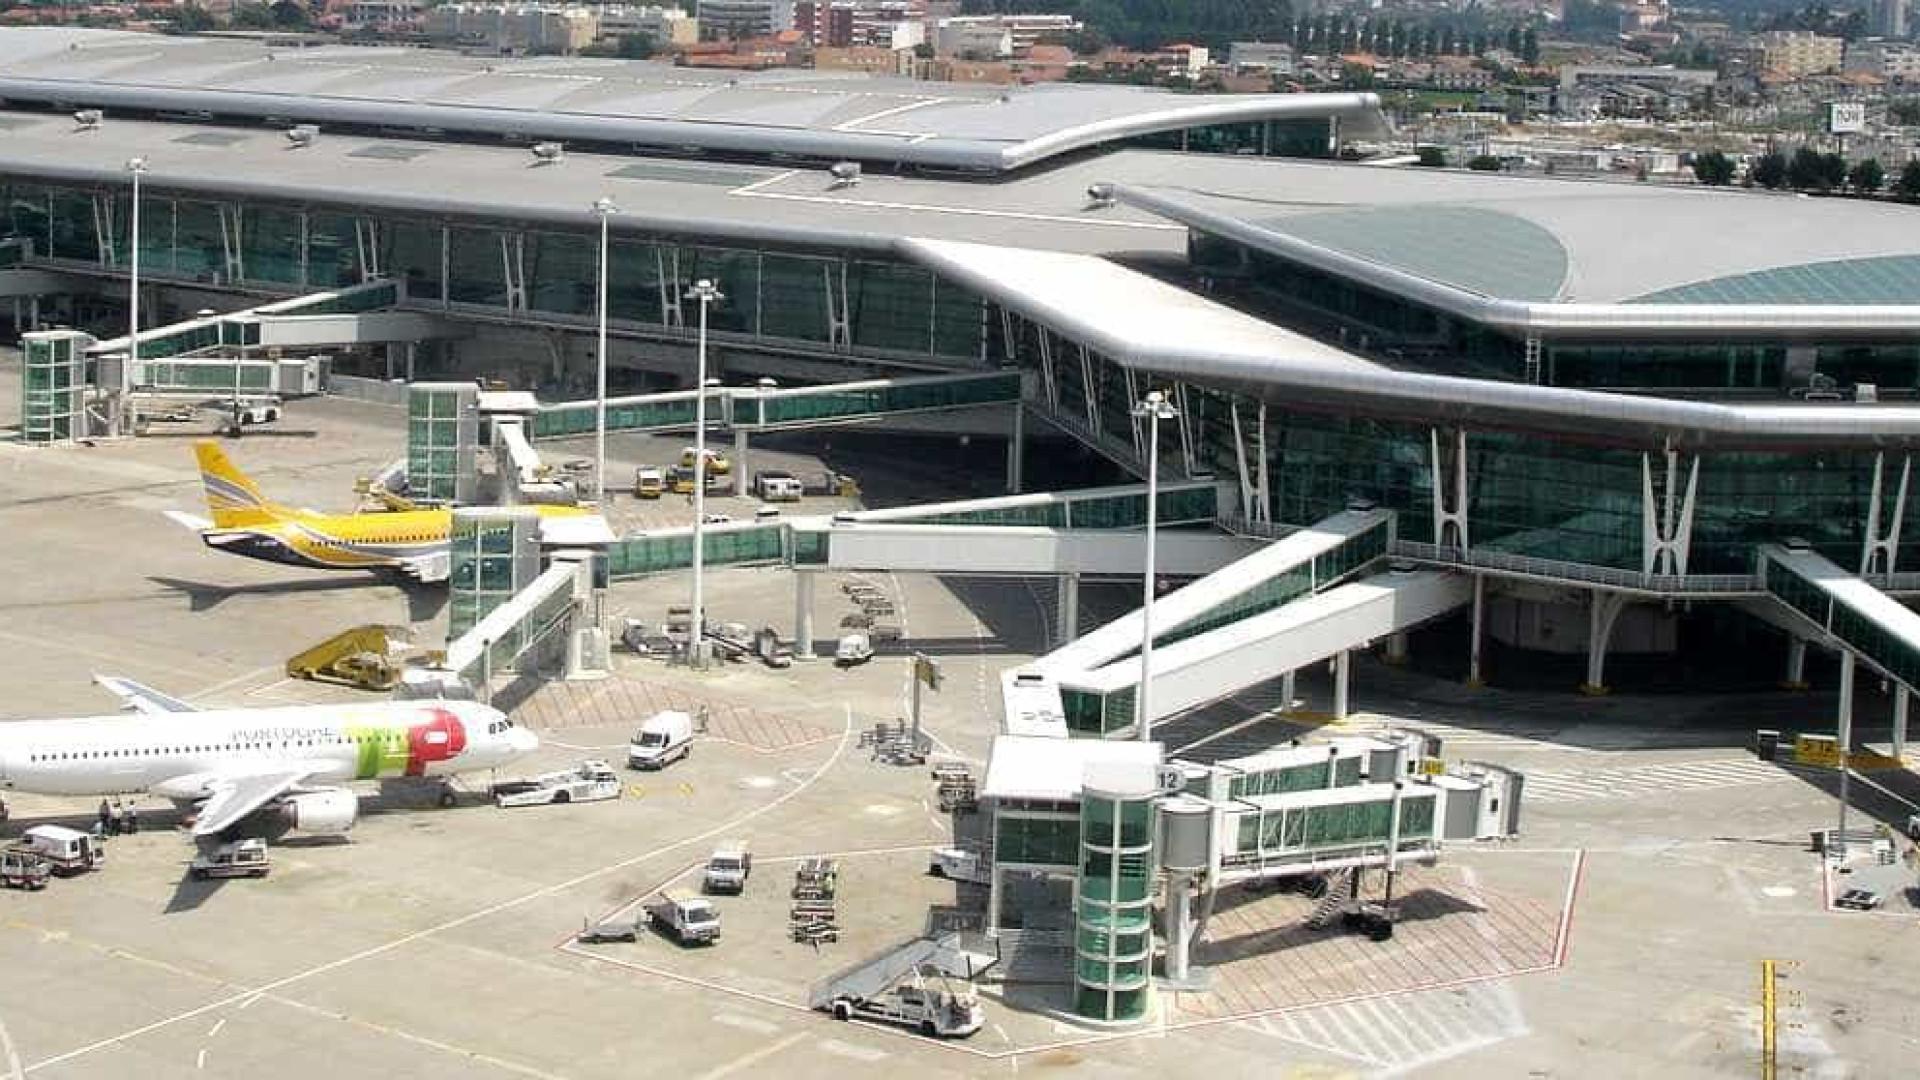 Aeroporto Do : O aeroporto do futuro terá pista de pouso em passarelas no meio da